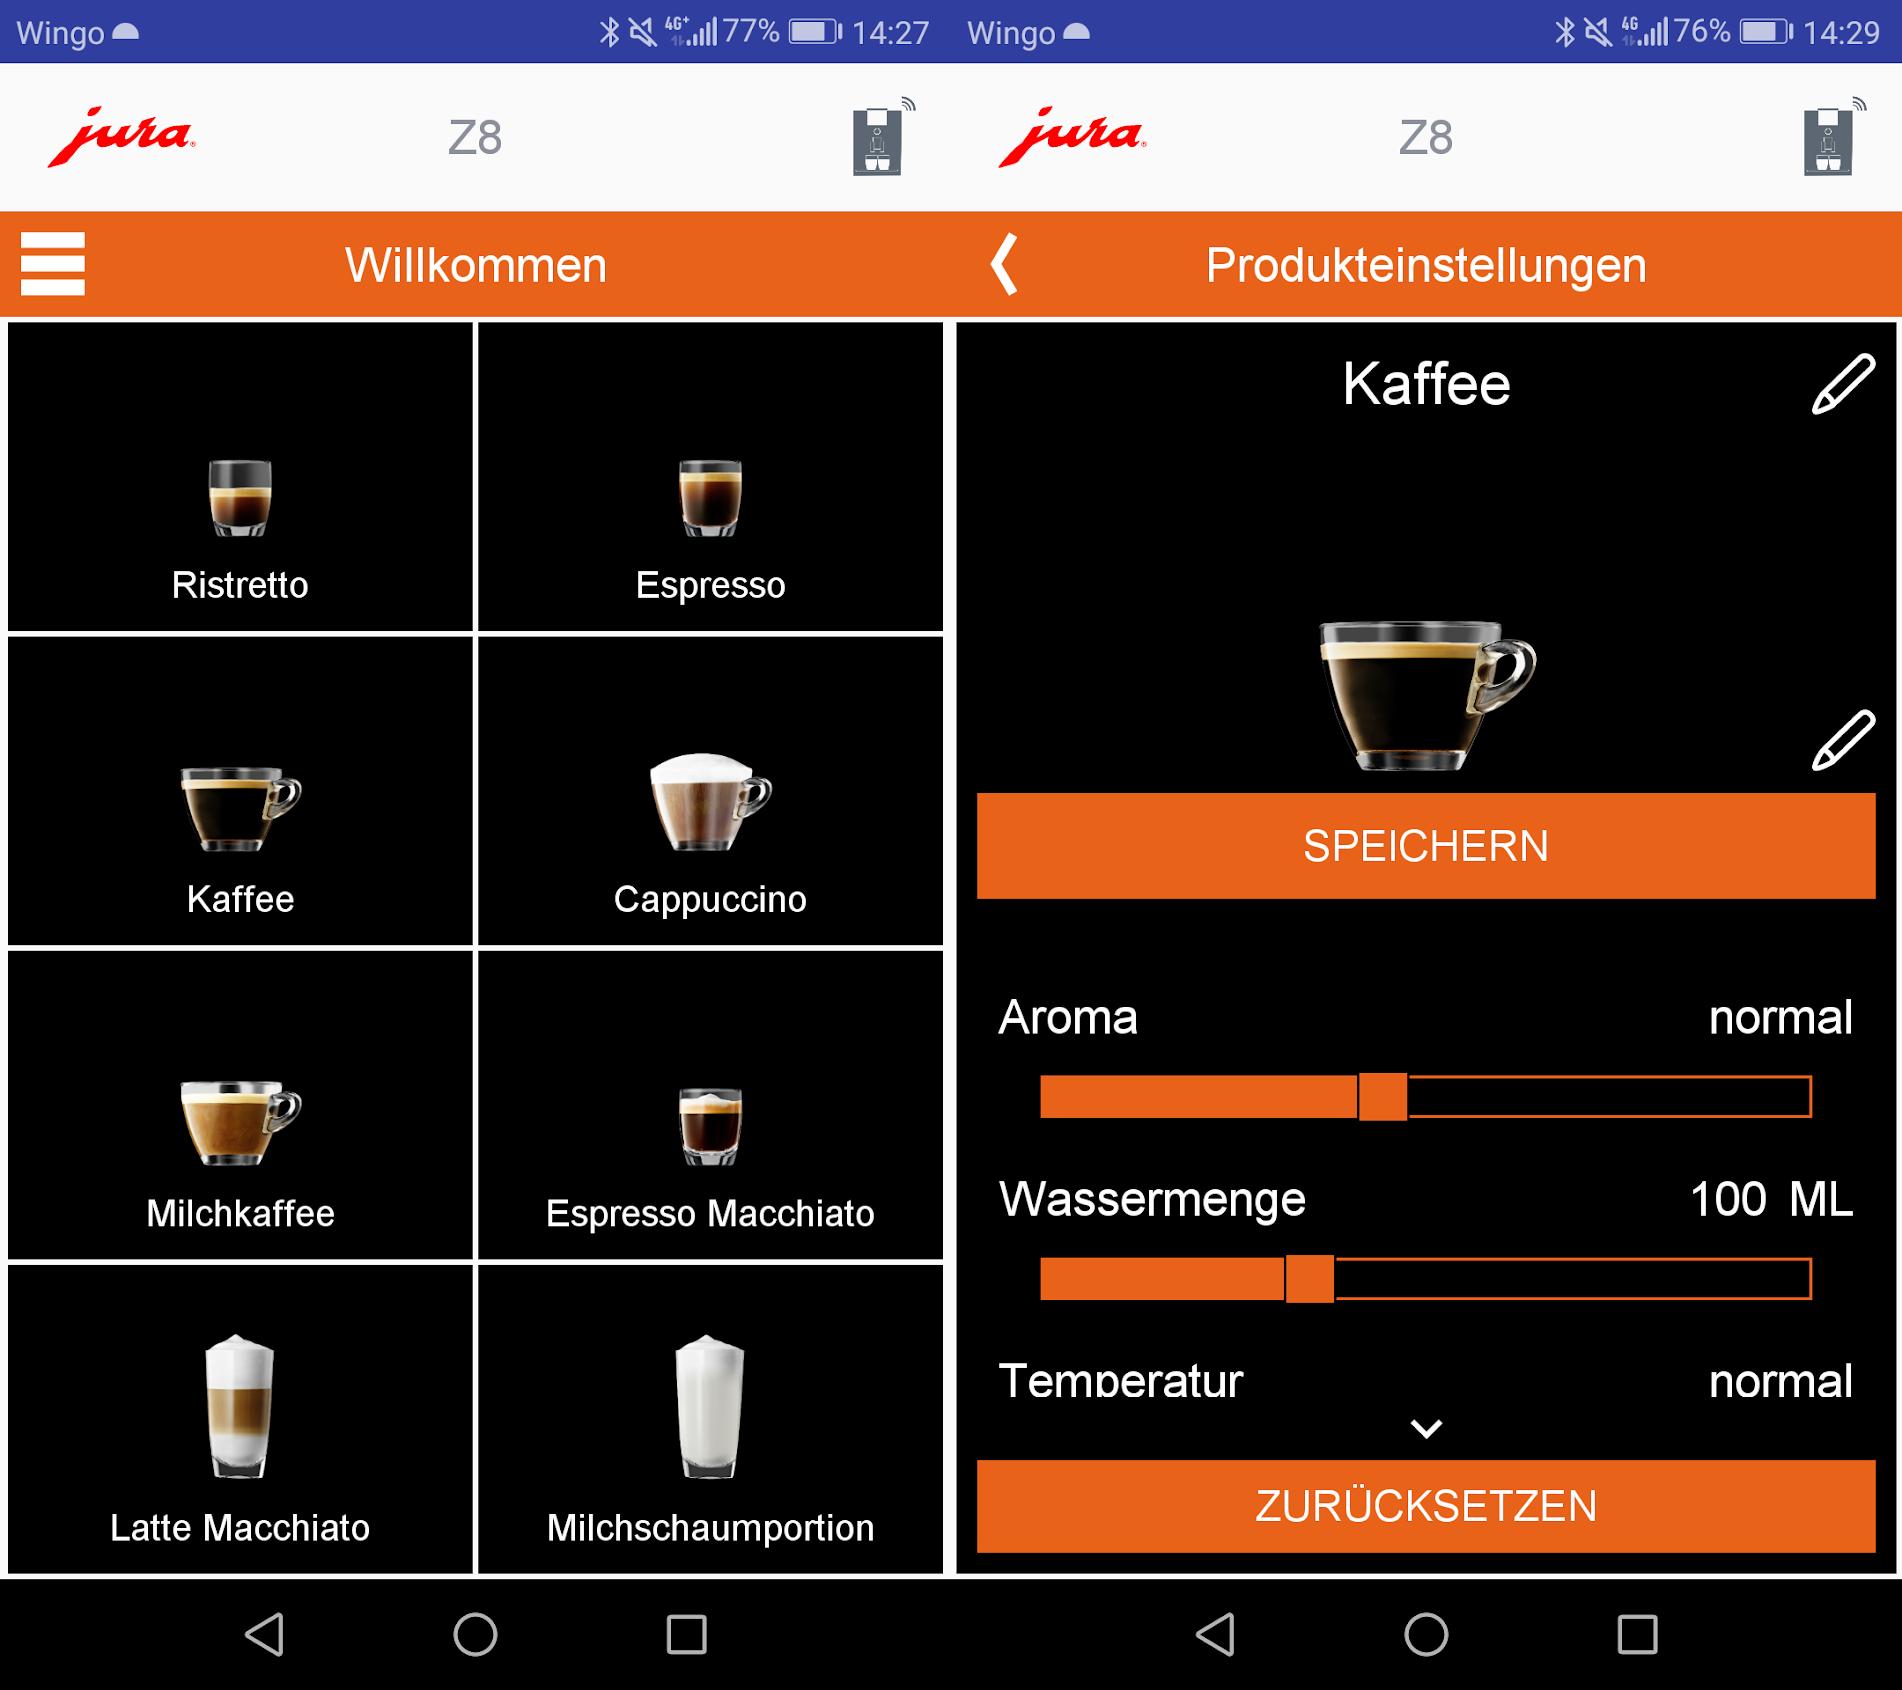 Über die App J.O.E. lässt sich die Jura Ena 8 komplett steuern (Bild: Google Play Store)